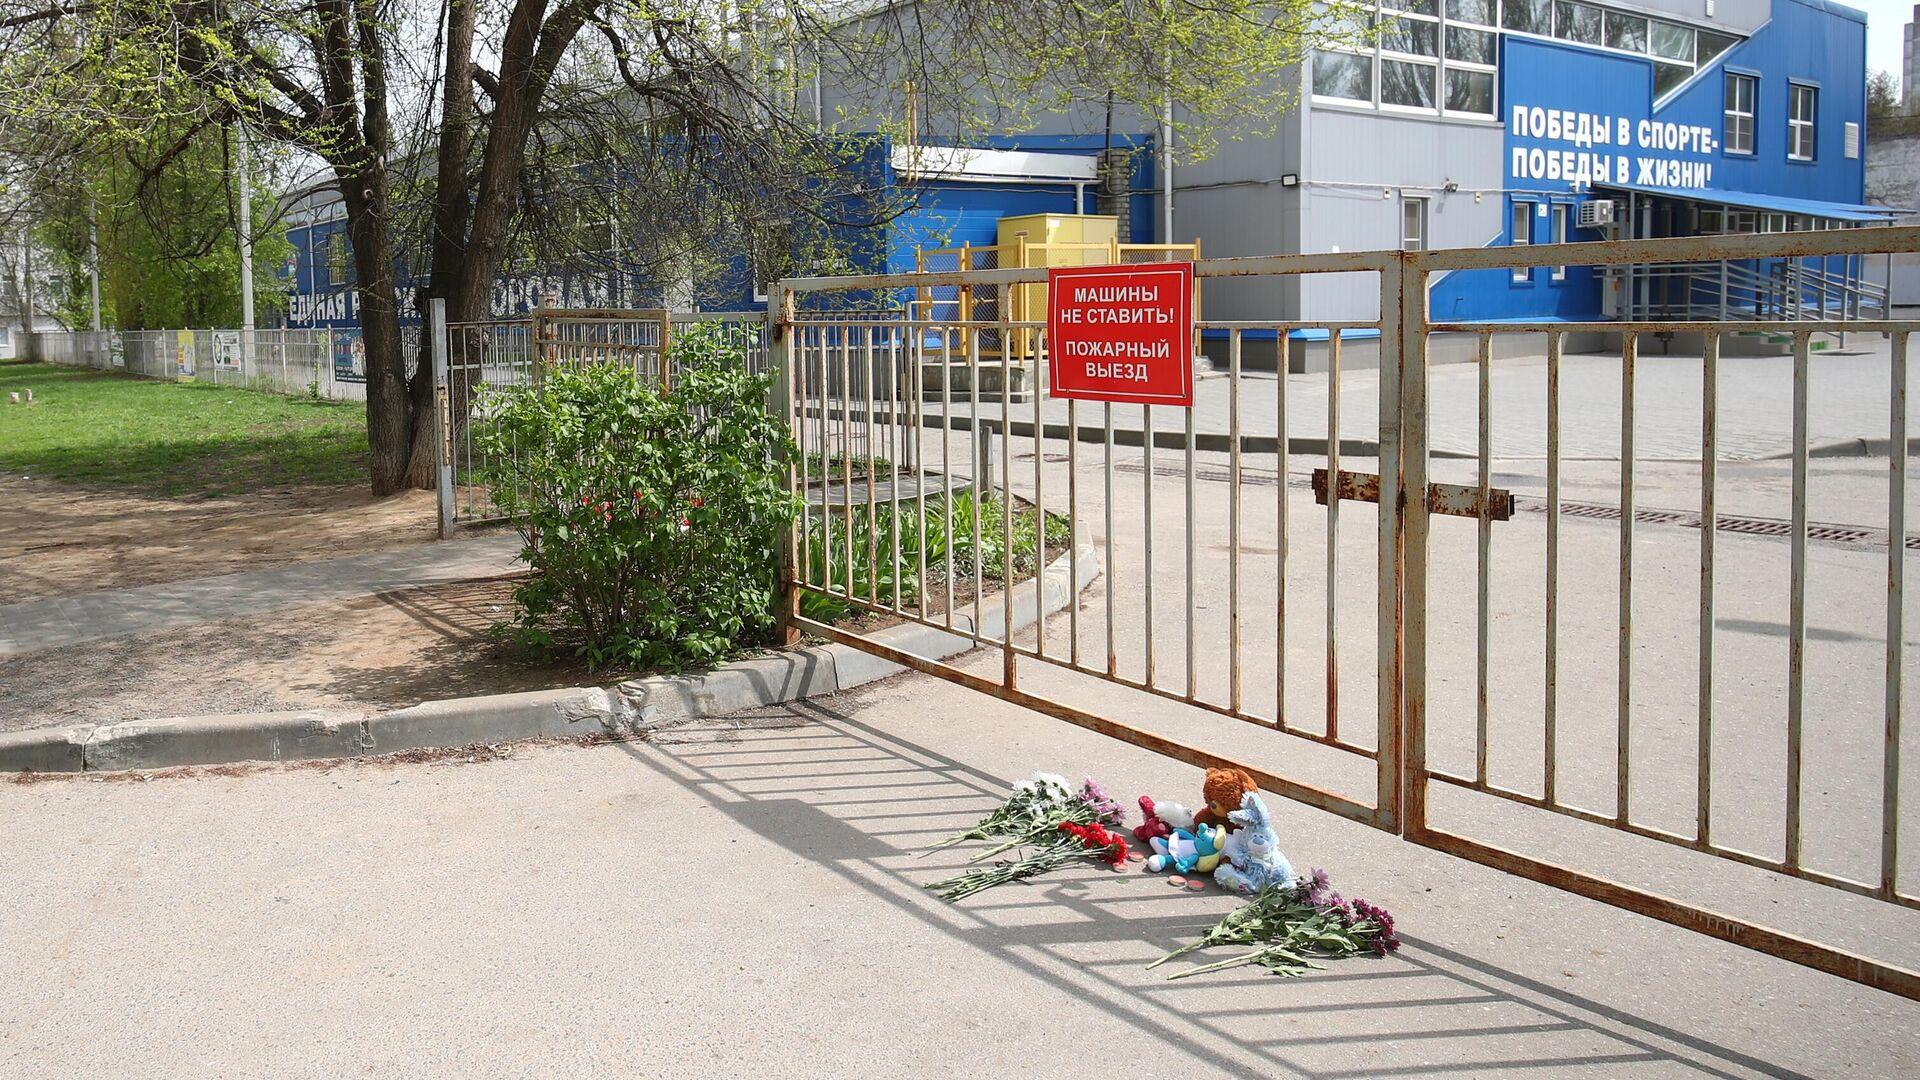 Цветы и мягкие игрушки у спортивной школы в Волгограде, где занимались погибшие и пострадавшие в ДТП на Ставрополье дети - РИА Новости, 1920, 02.05.2021